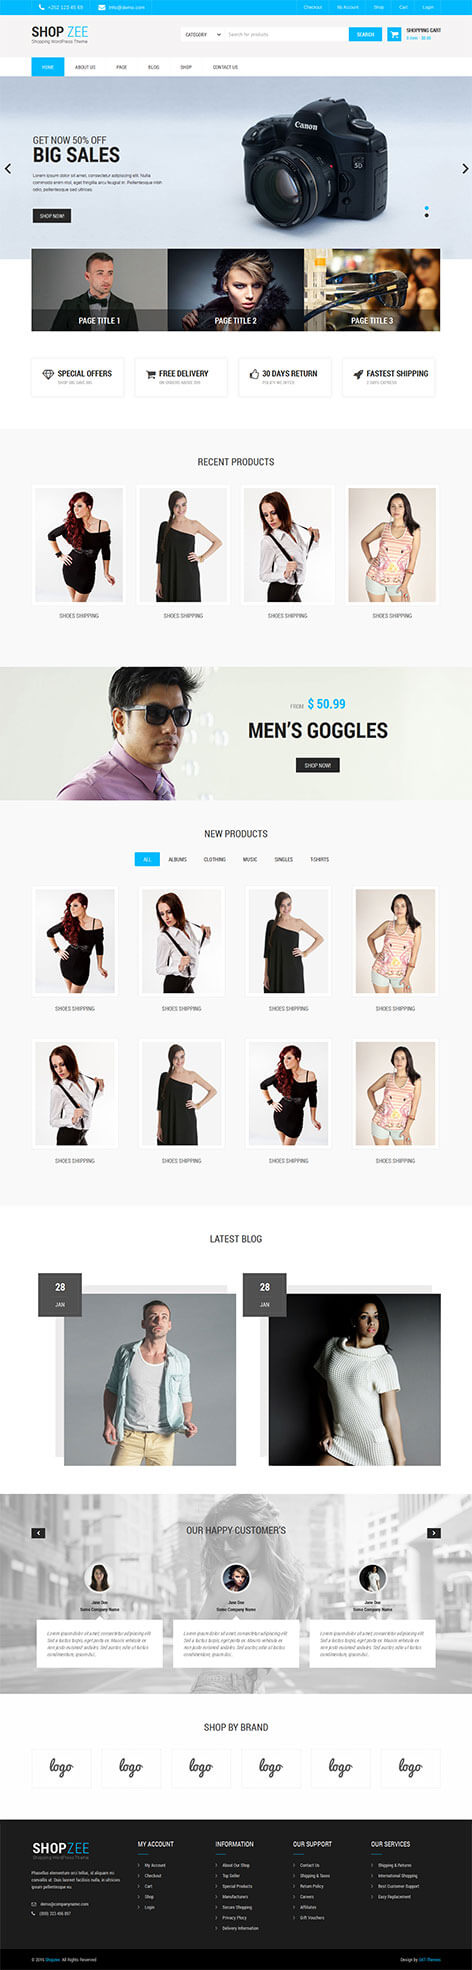 Shopzee Pro